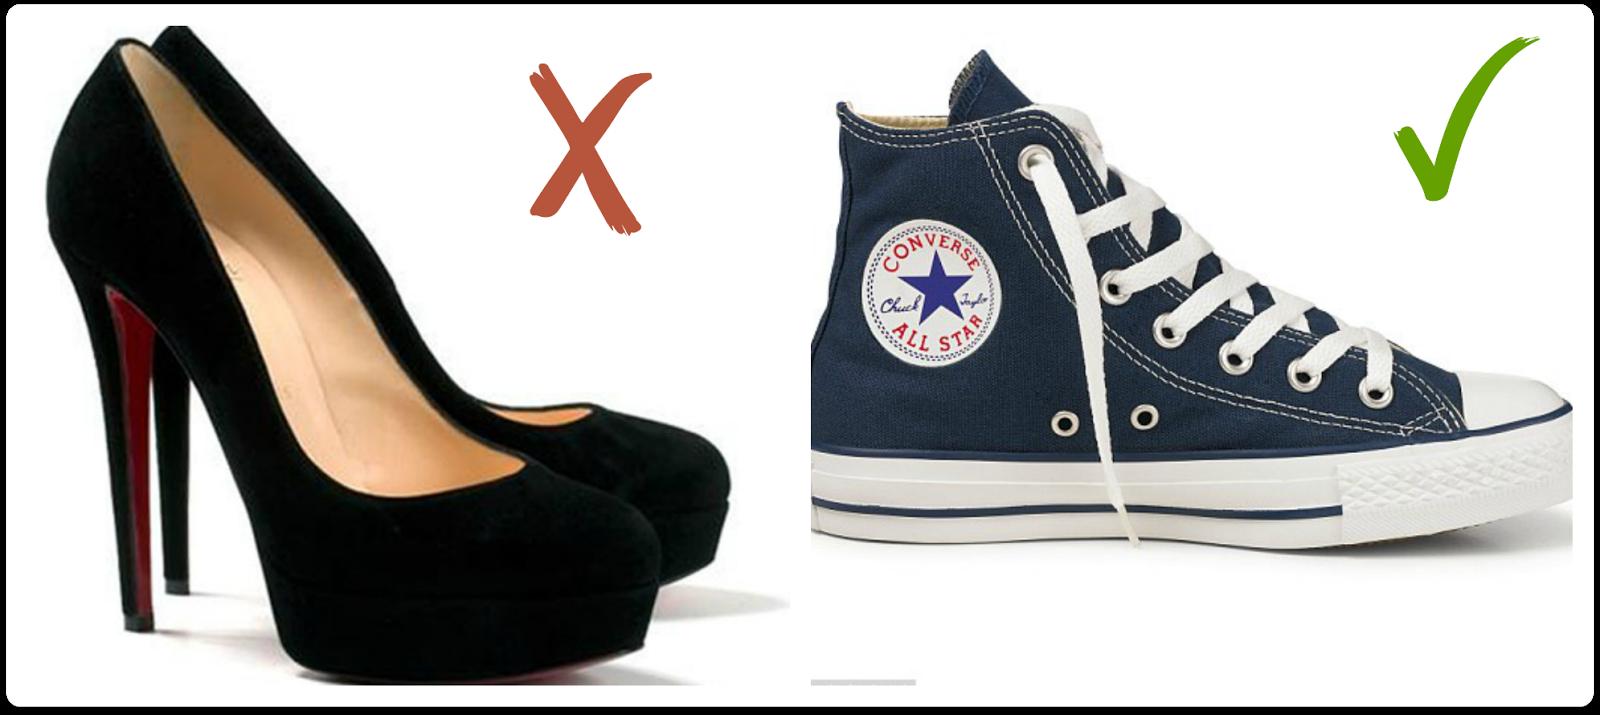 calzado para llevar en fallas no pumps o tacones, si zapato cómodo converse